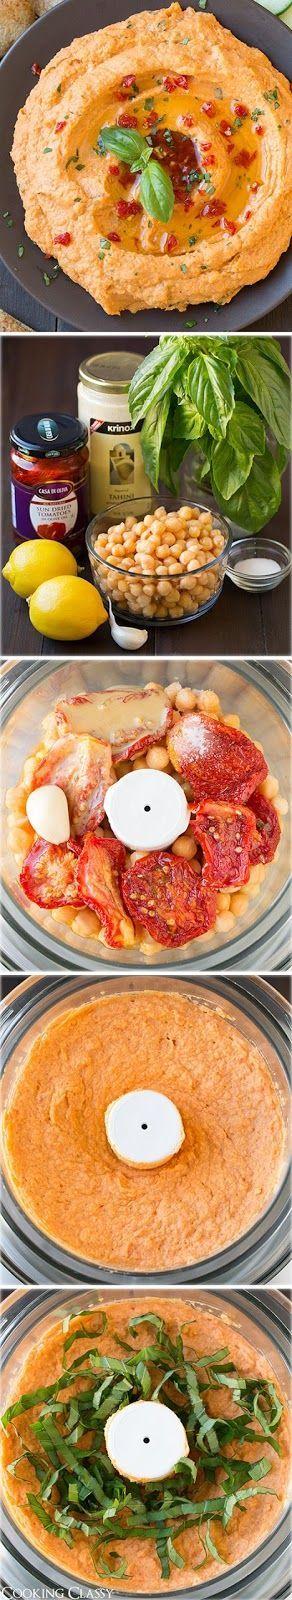 Ricette originali in una foto: hummus con ceci e pomodori secchi